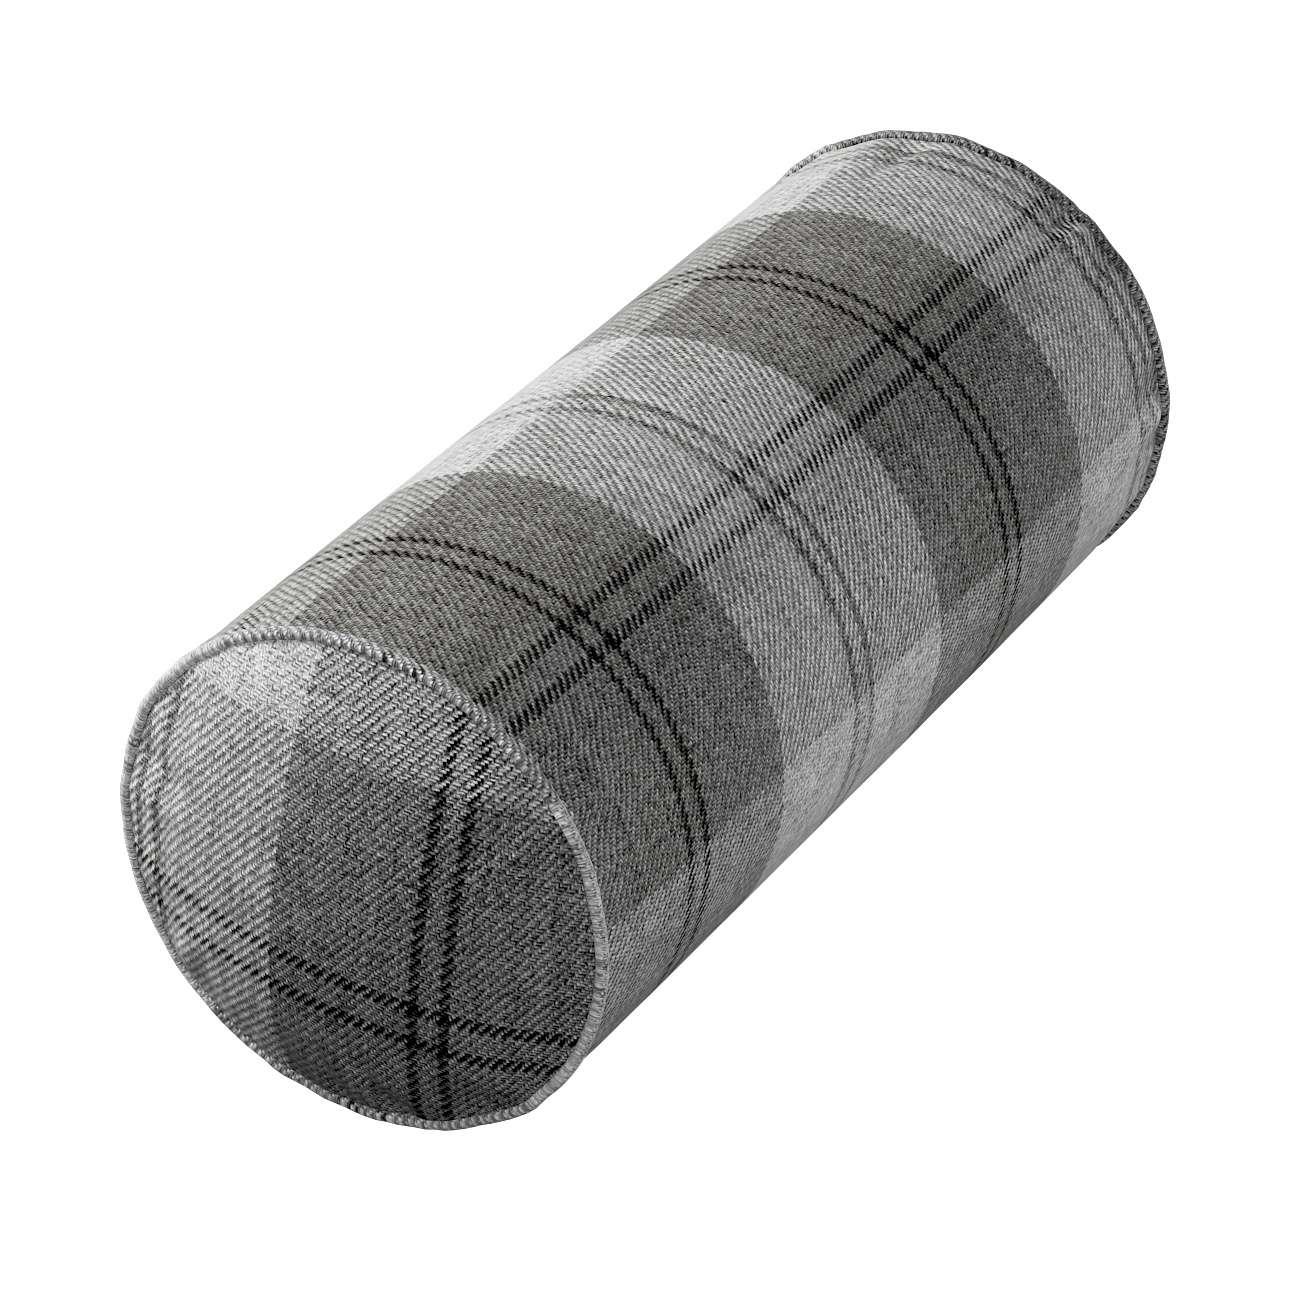 Pokrowiec na wałek Ektorp w kolekcji Edinburgh, tkanina: 115-75